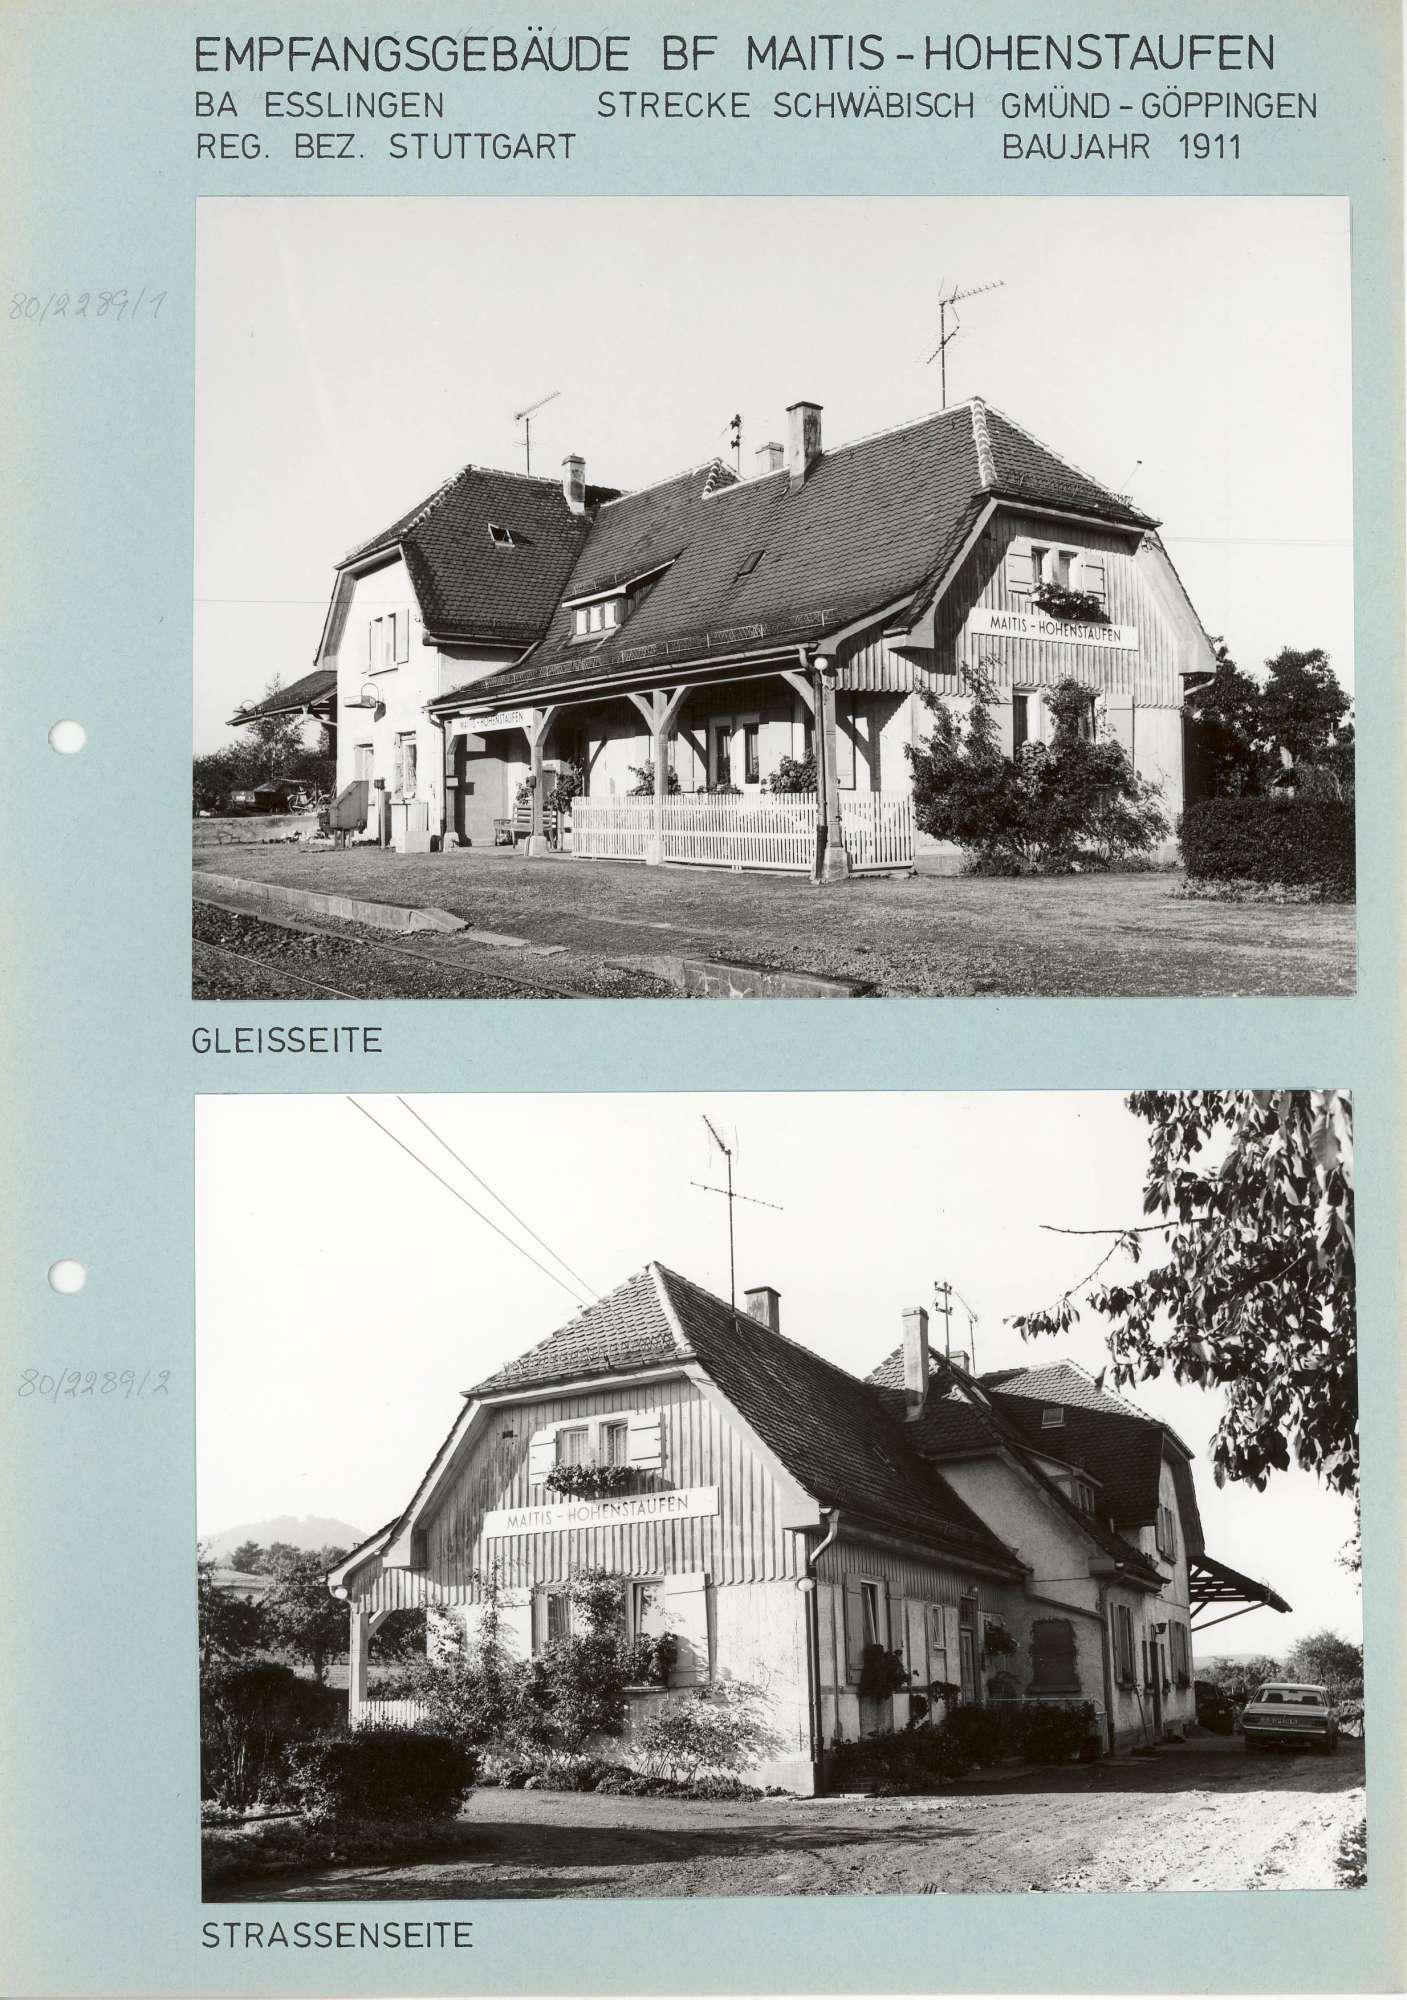 Maitishof-Hohenstaufen: 4 Fotos, Bild 2